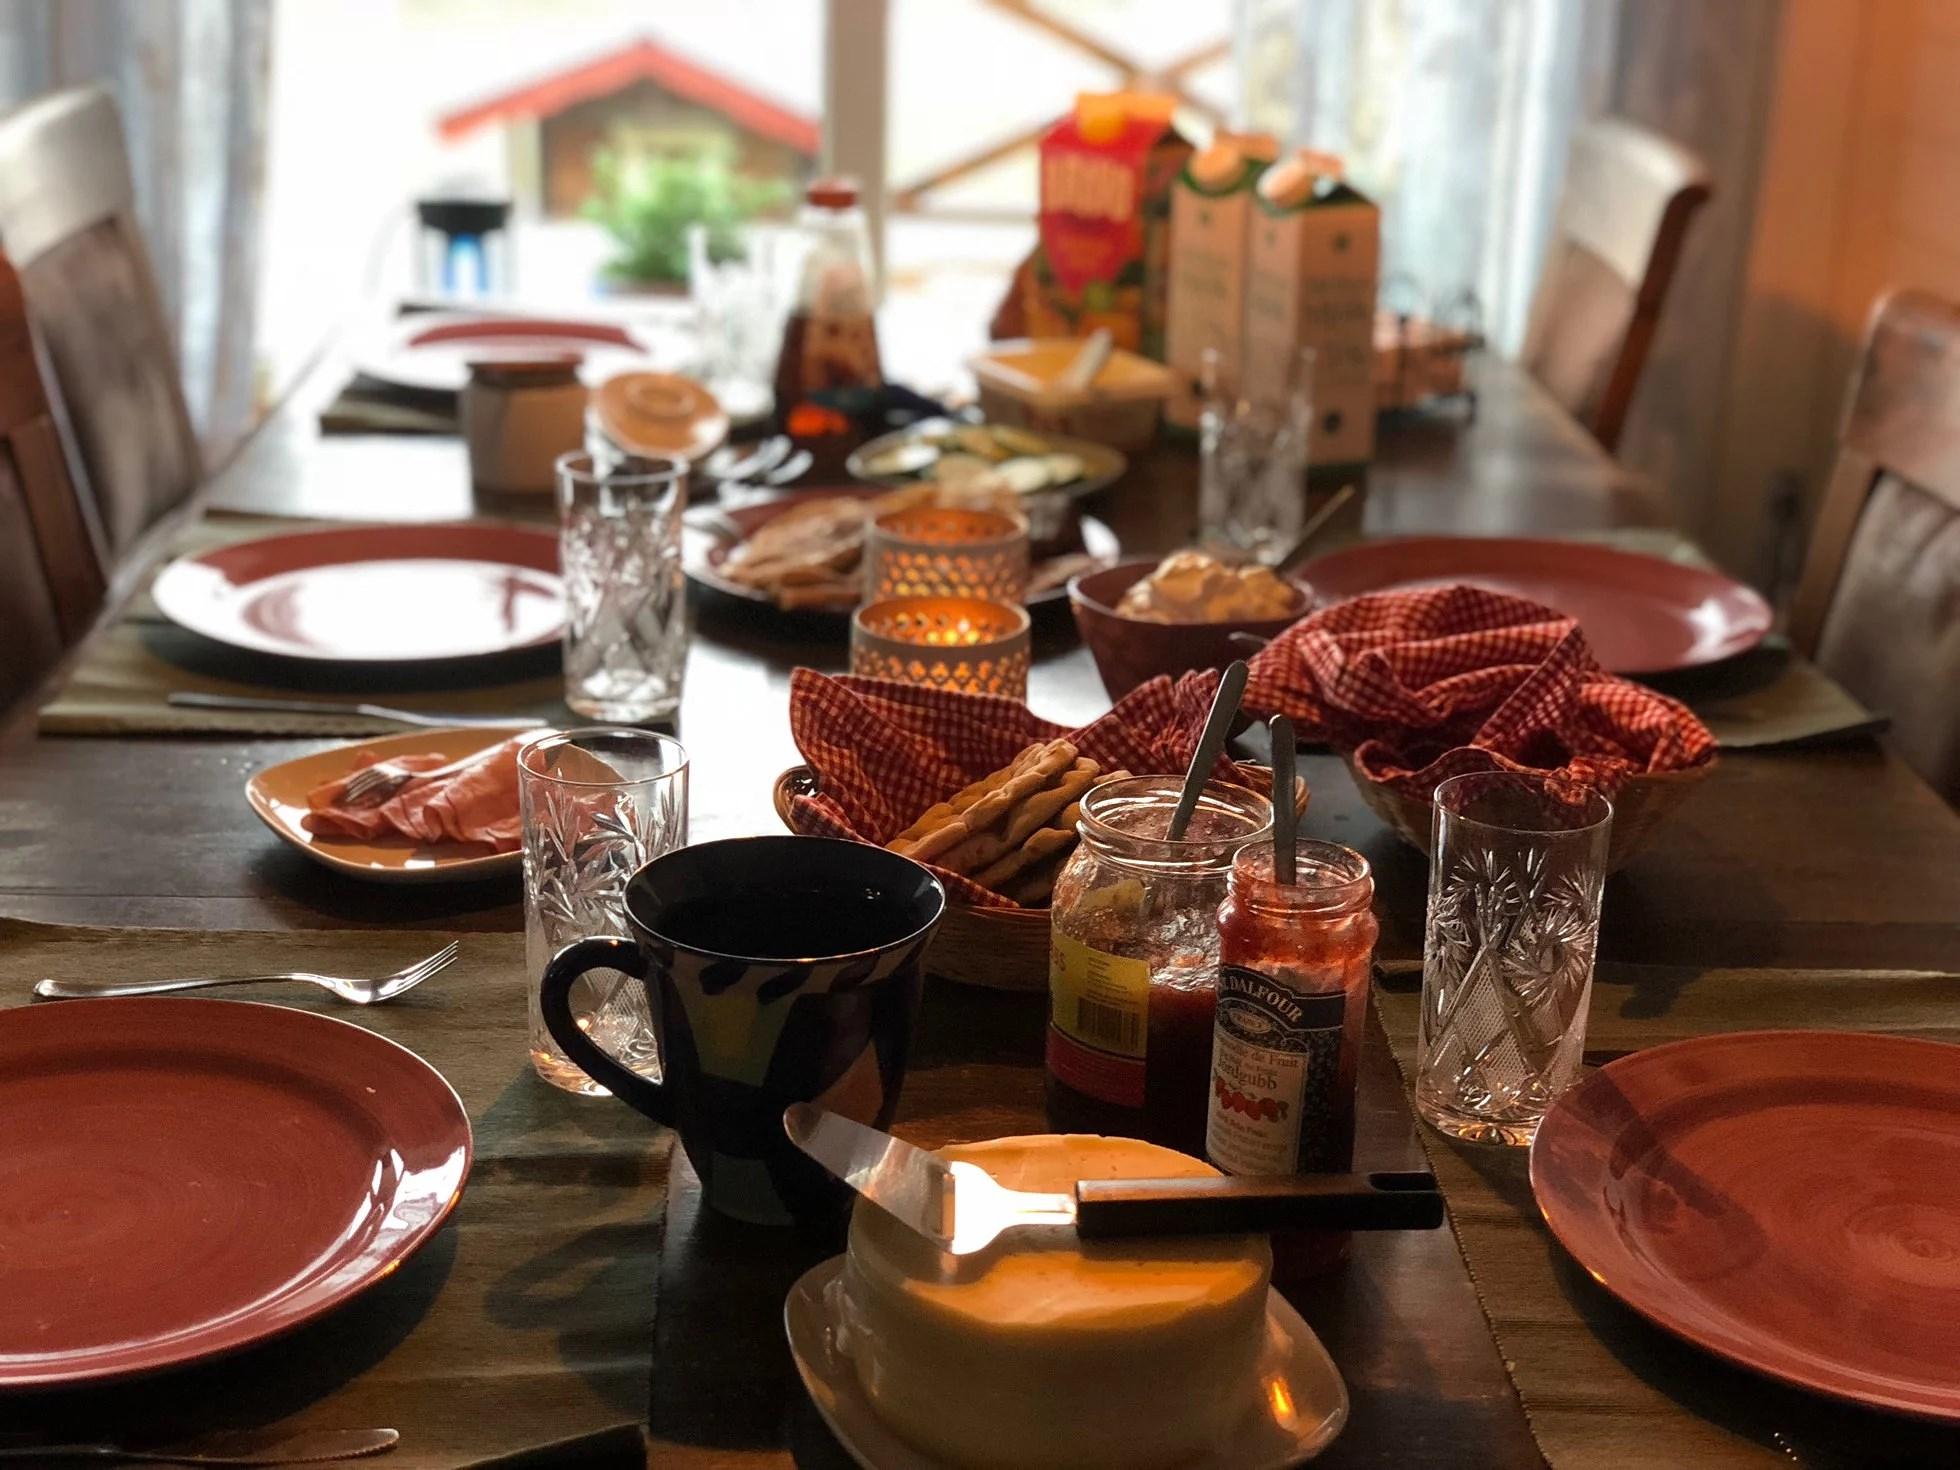 Födelsedags frukost